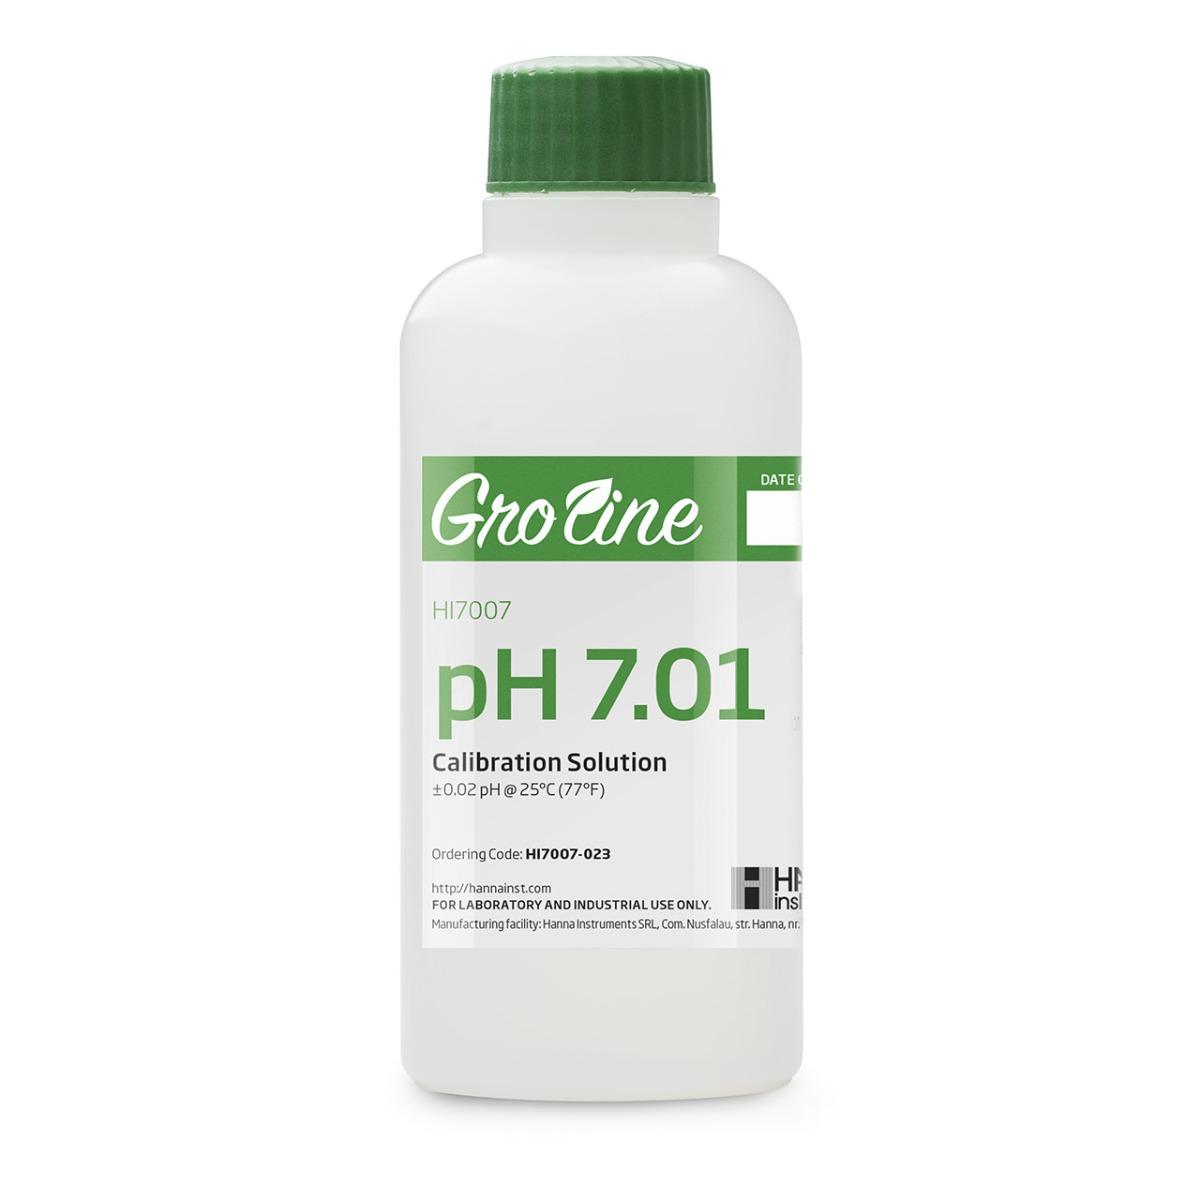 Solución de Calibración GroLine pH 7.01 (230 mL) - HI7007-023